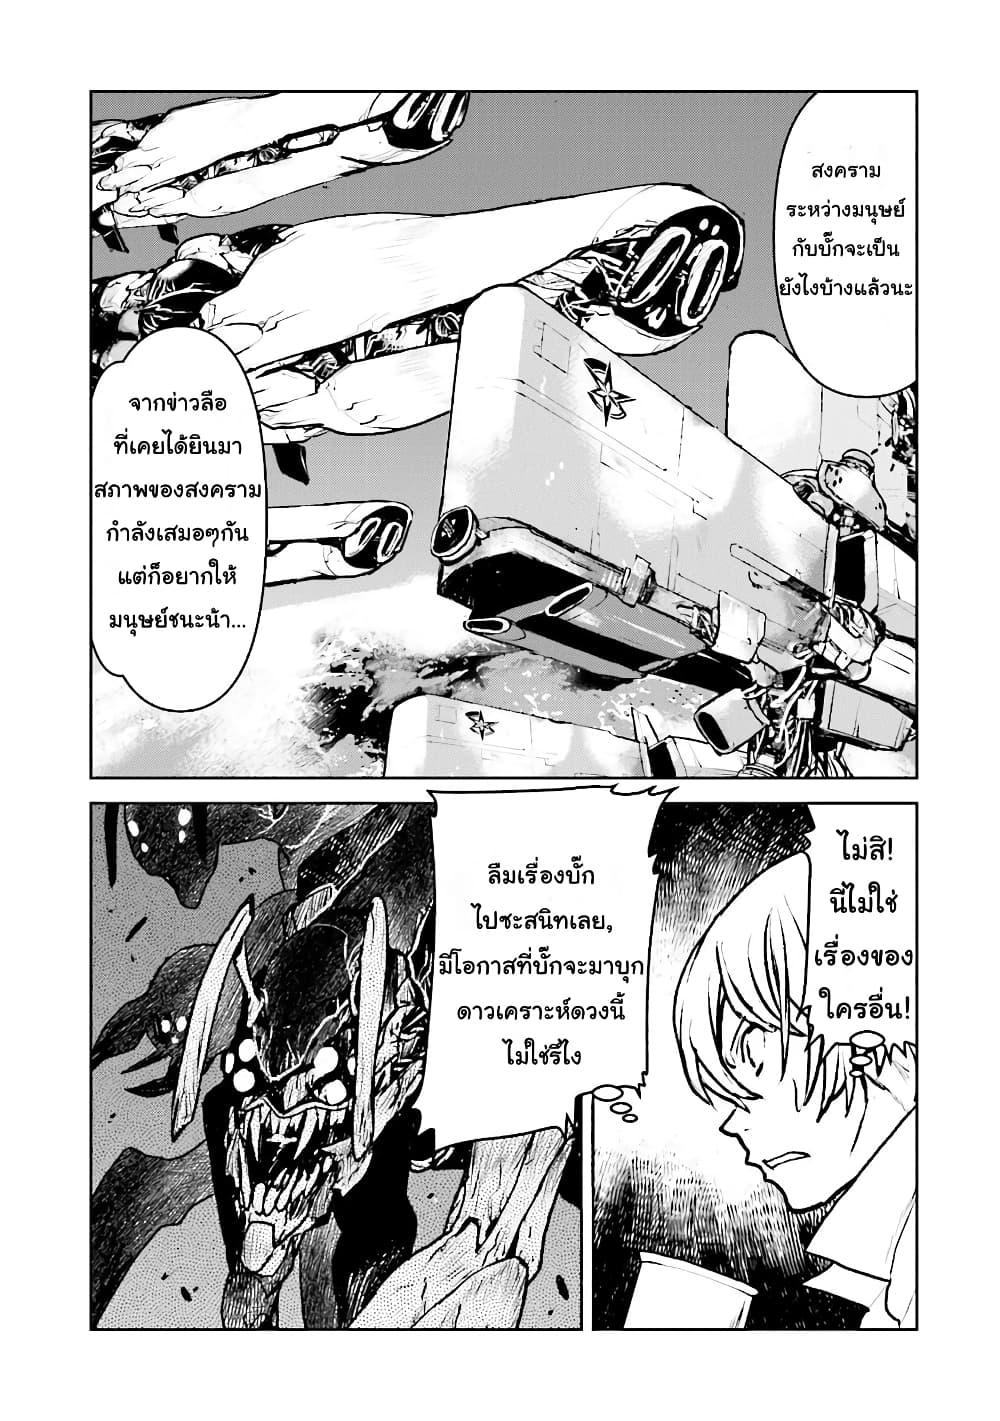 อ่านการ์ตูน The Galactic Navy Officer Becomes an Adventurer ตอนที่ 14 หน้าที่ 23